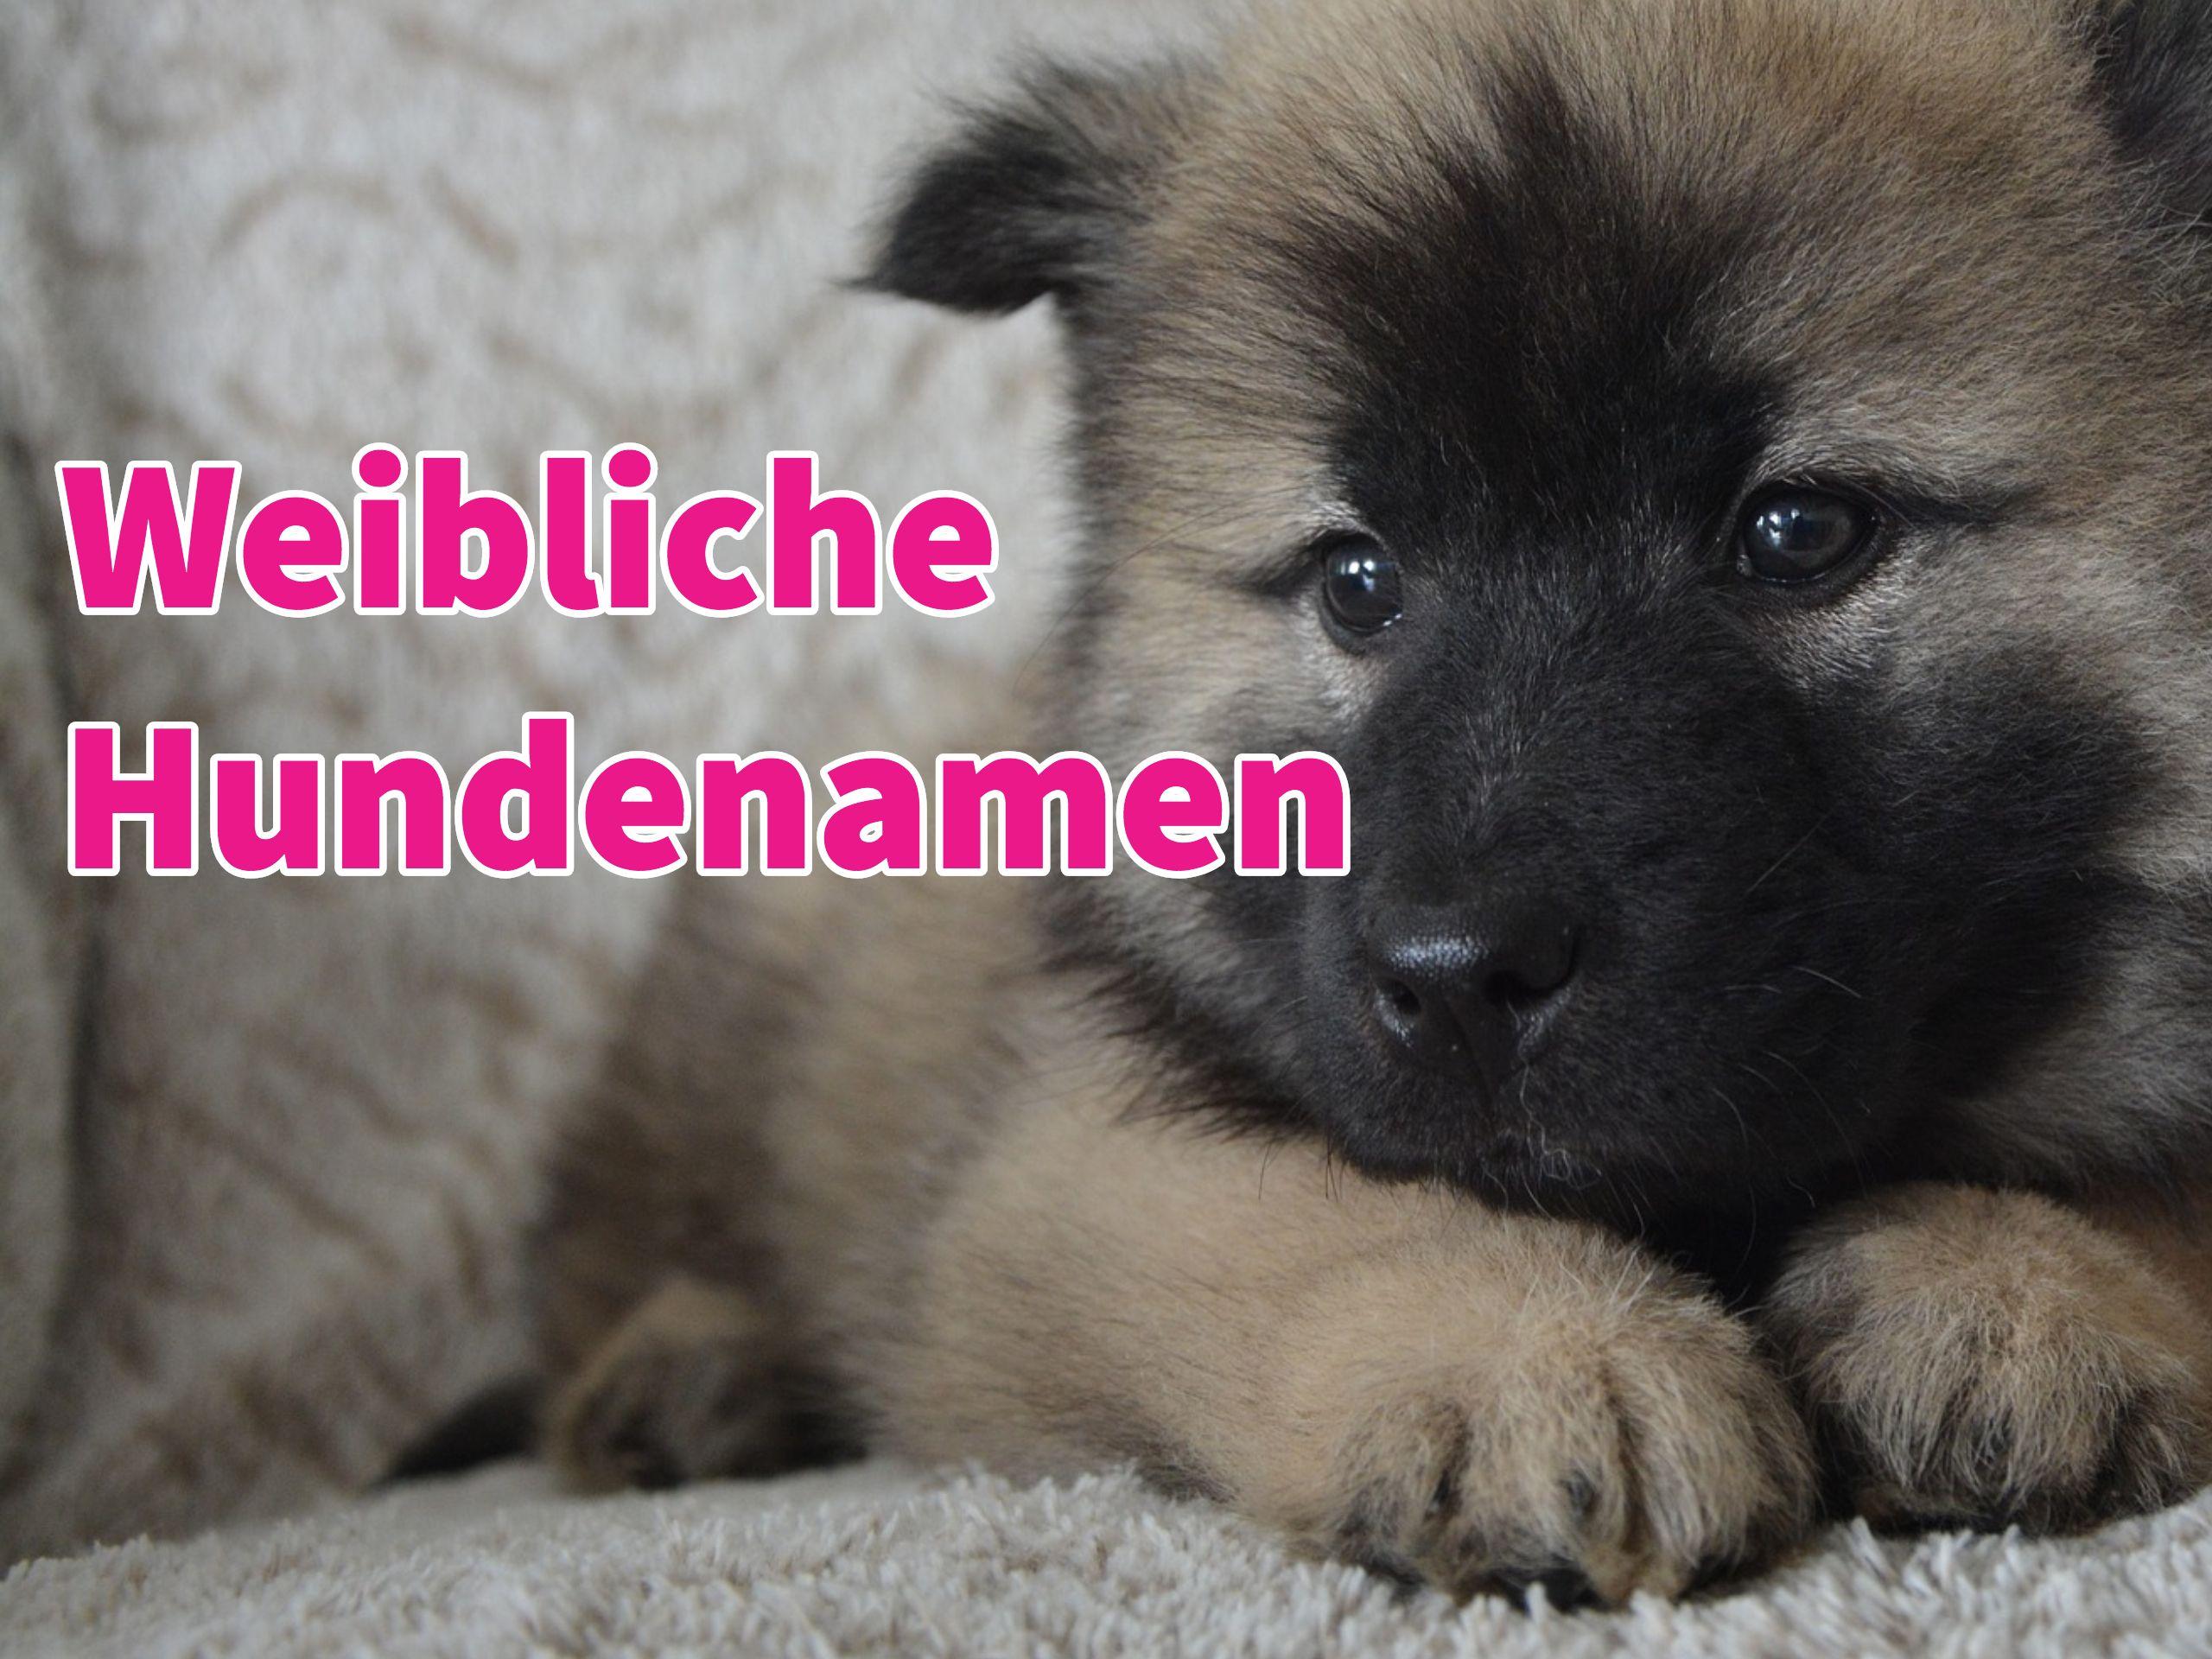 Weibliche Hundenamen 73 Coole Ausgefallene Und Beliebte Namen Fur Hundinnen Weibliche Hundenamen Namen Fur Hunde Hundenamen